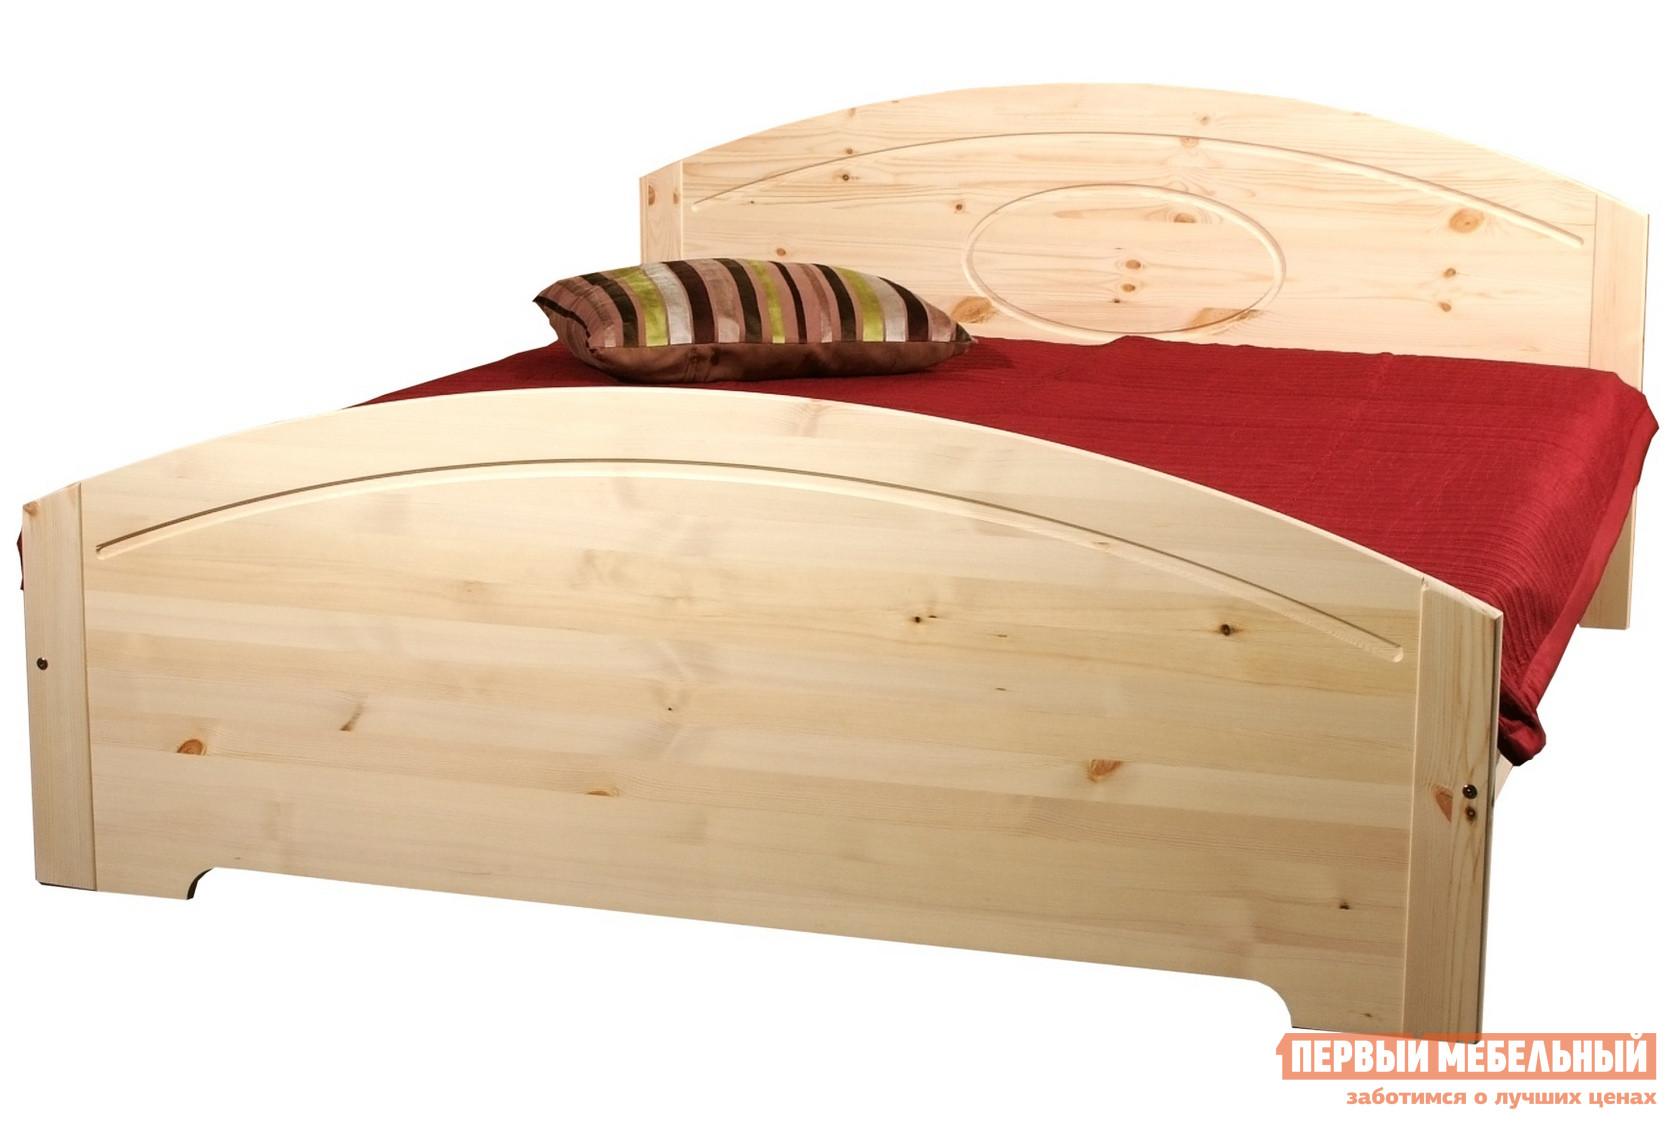 Кровать-полуторка Timberica Инга кровать полуторка timberica брамминг 1